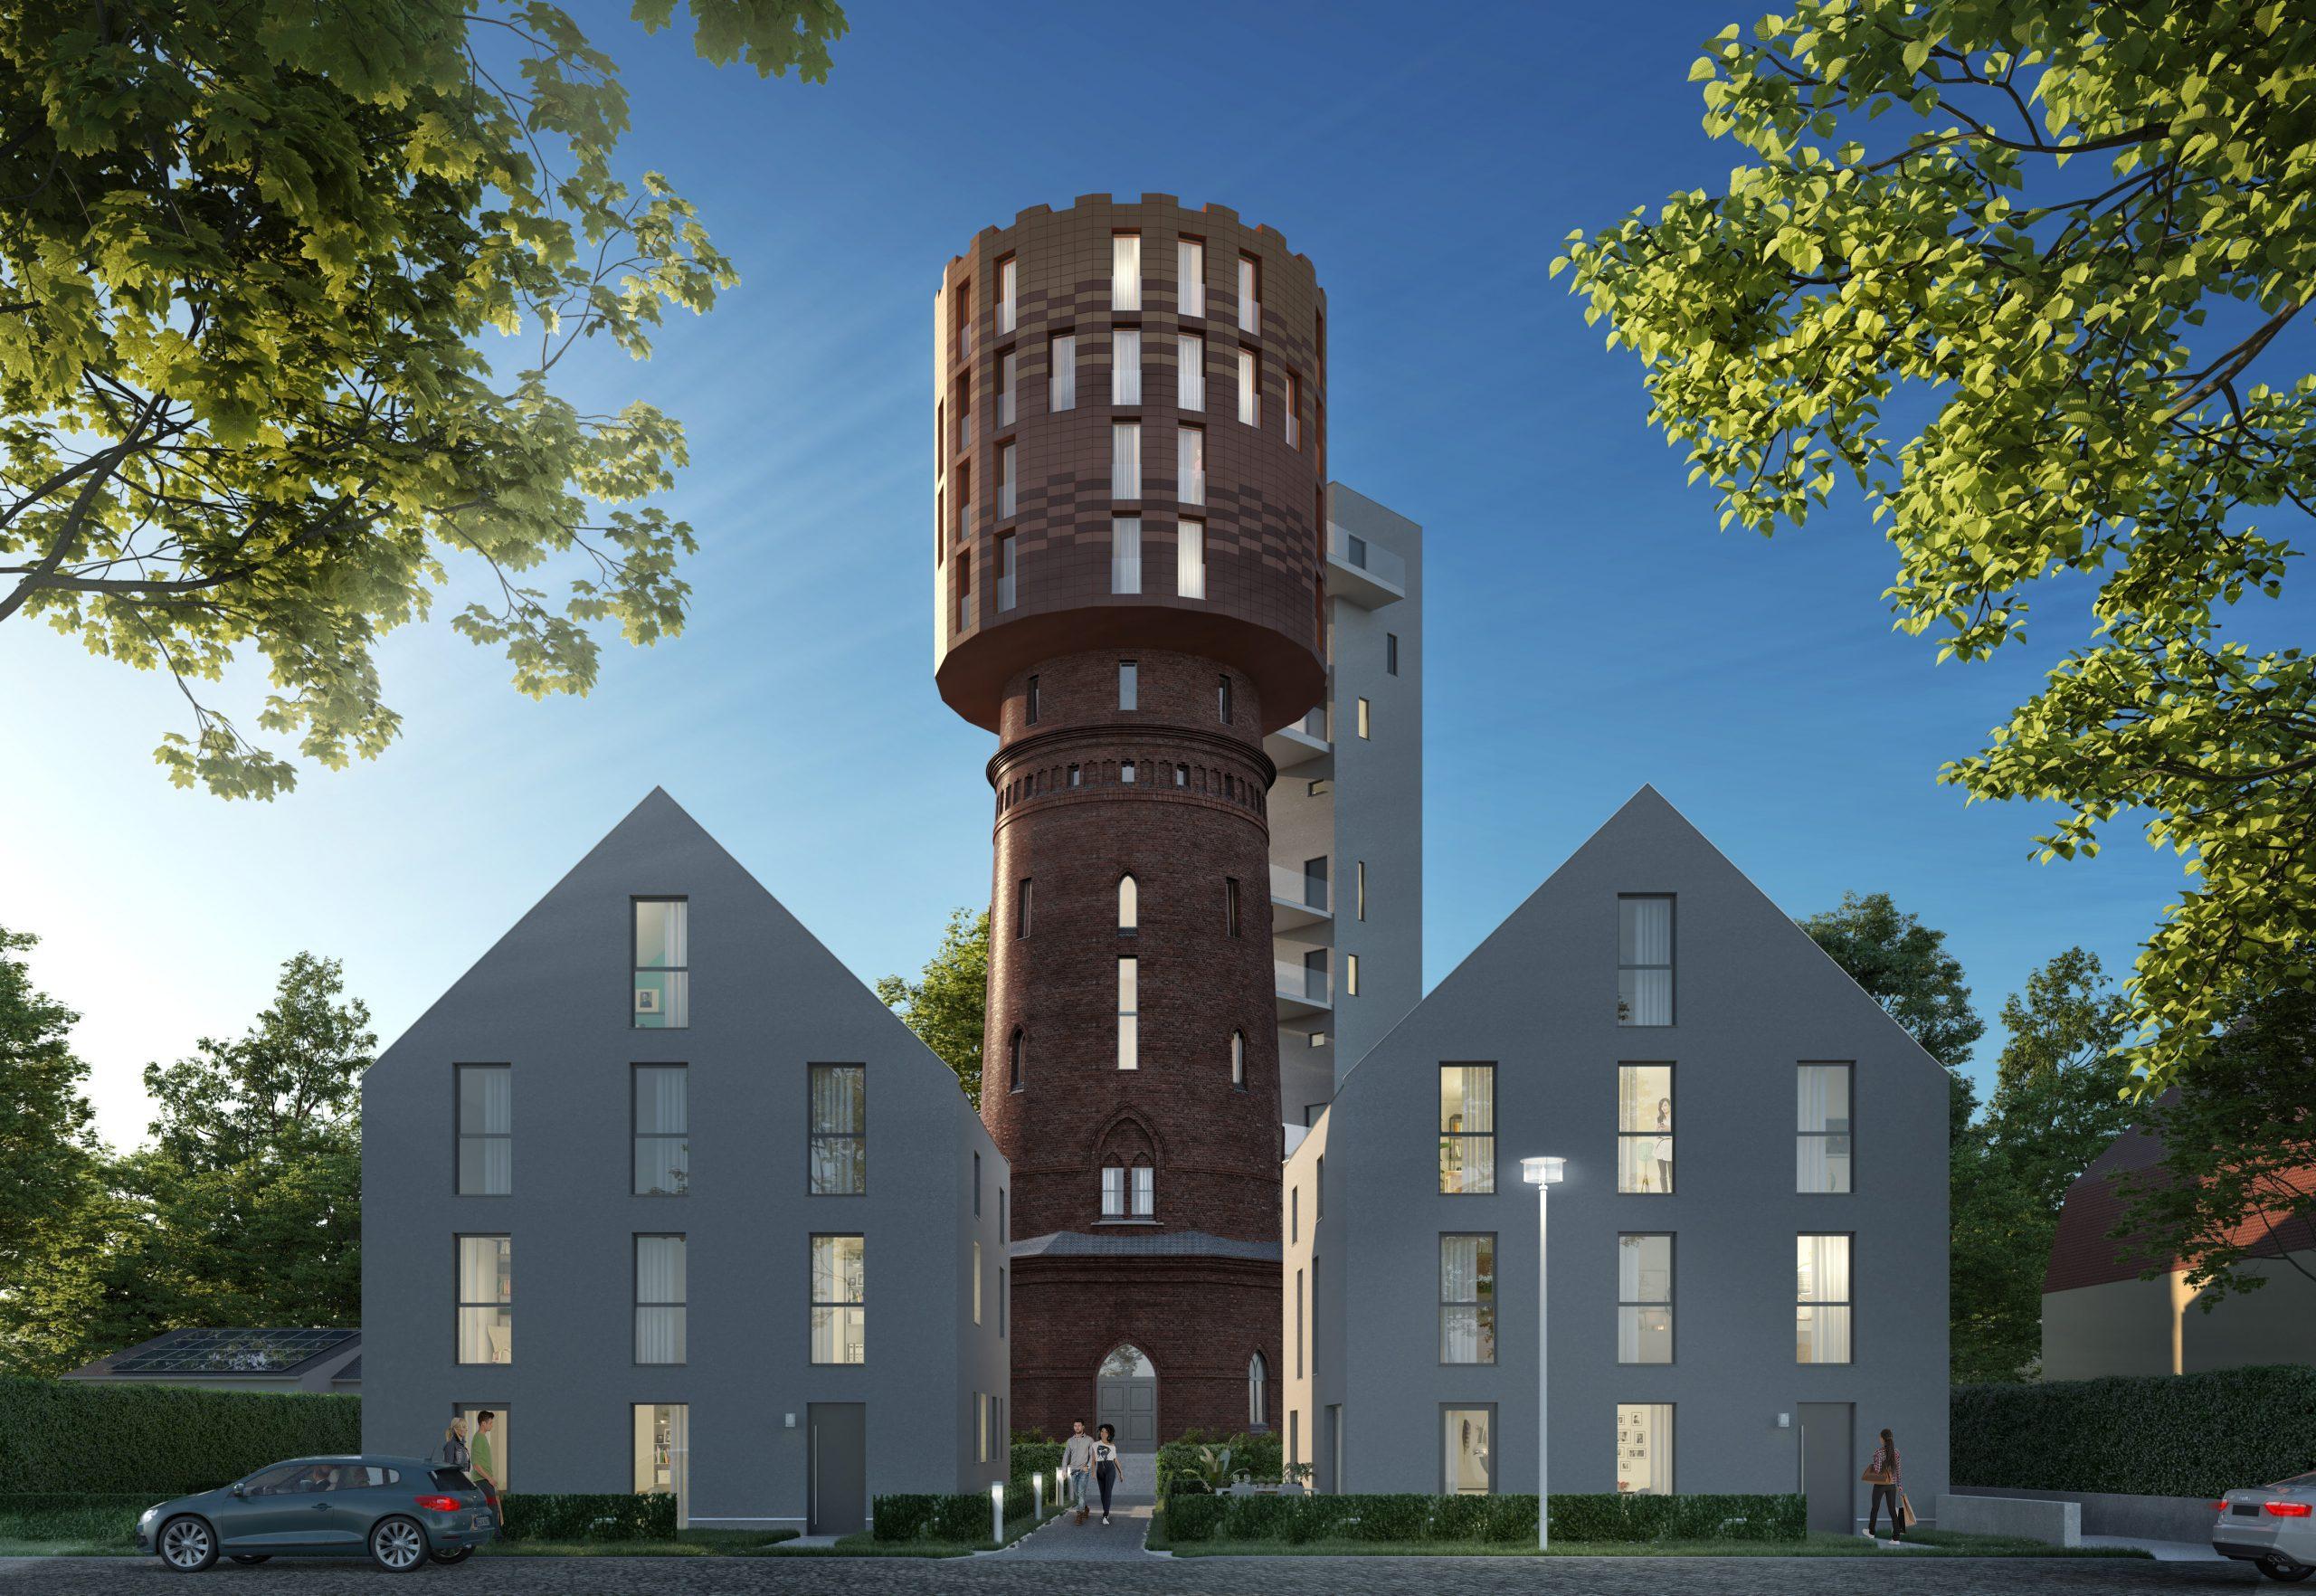 Der Wasserturm in Berlin Altglienicke mit 9 Wohneinheiten und zwei Doppelhäusern mit Garten